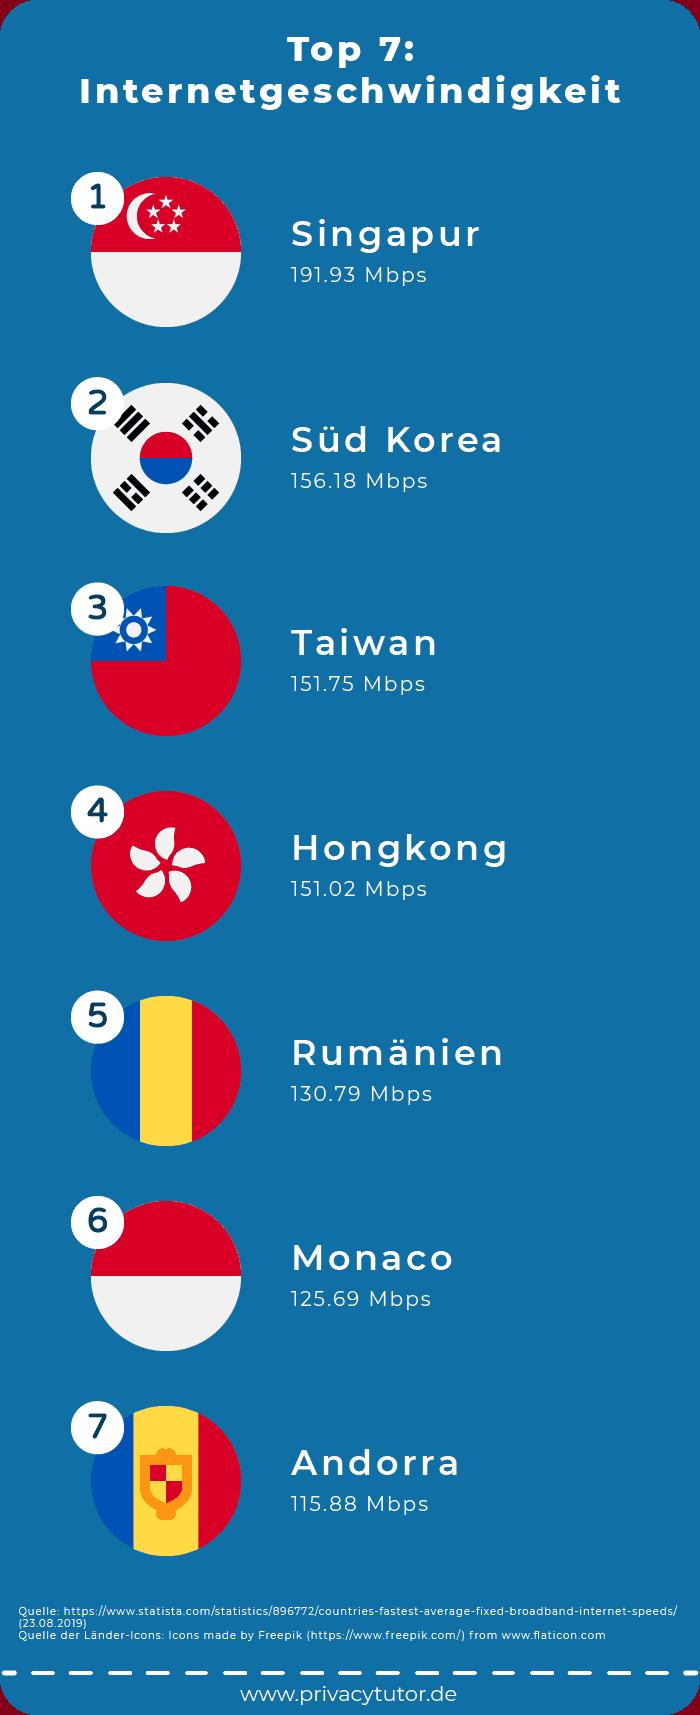 Infografik Top 7: Internetgeschwindigkeit